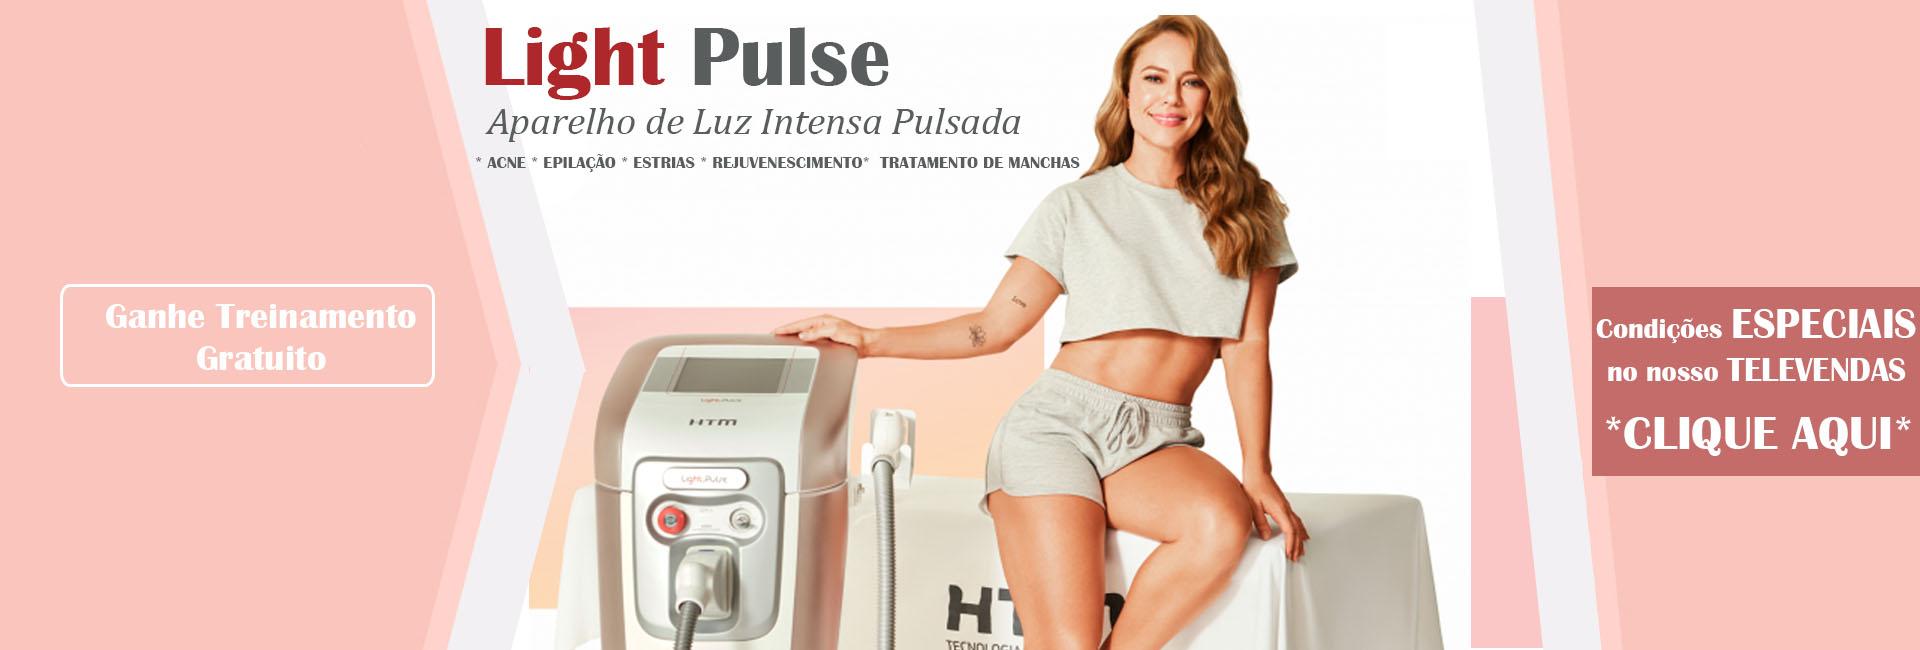 Banner-Light-Pulse-HTM